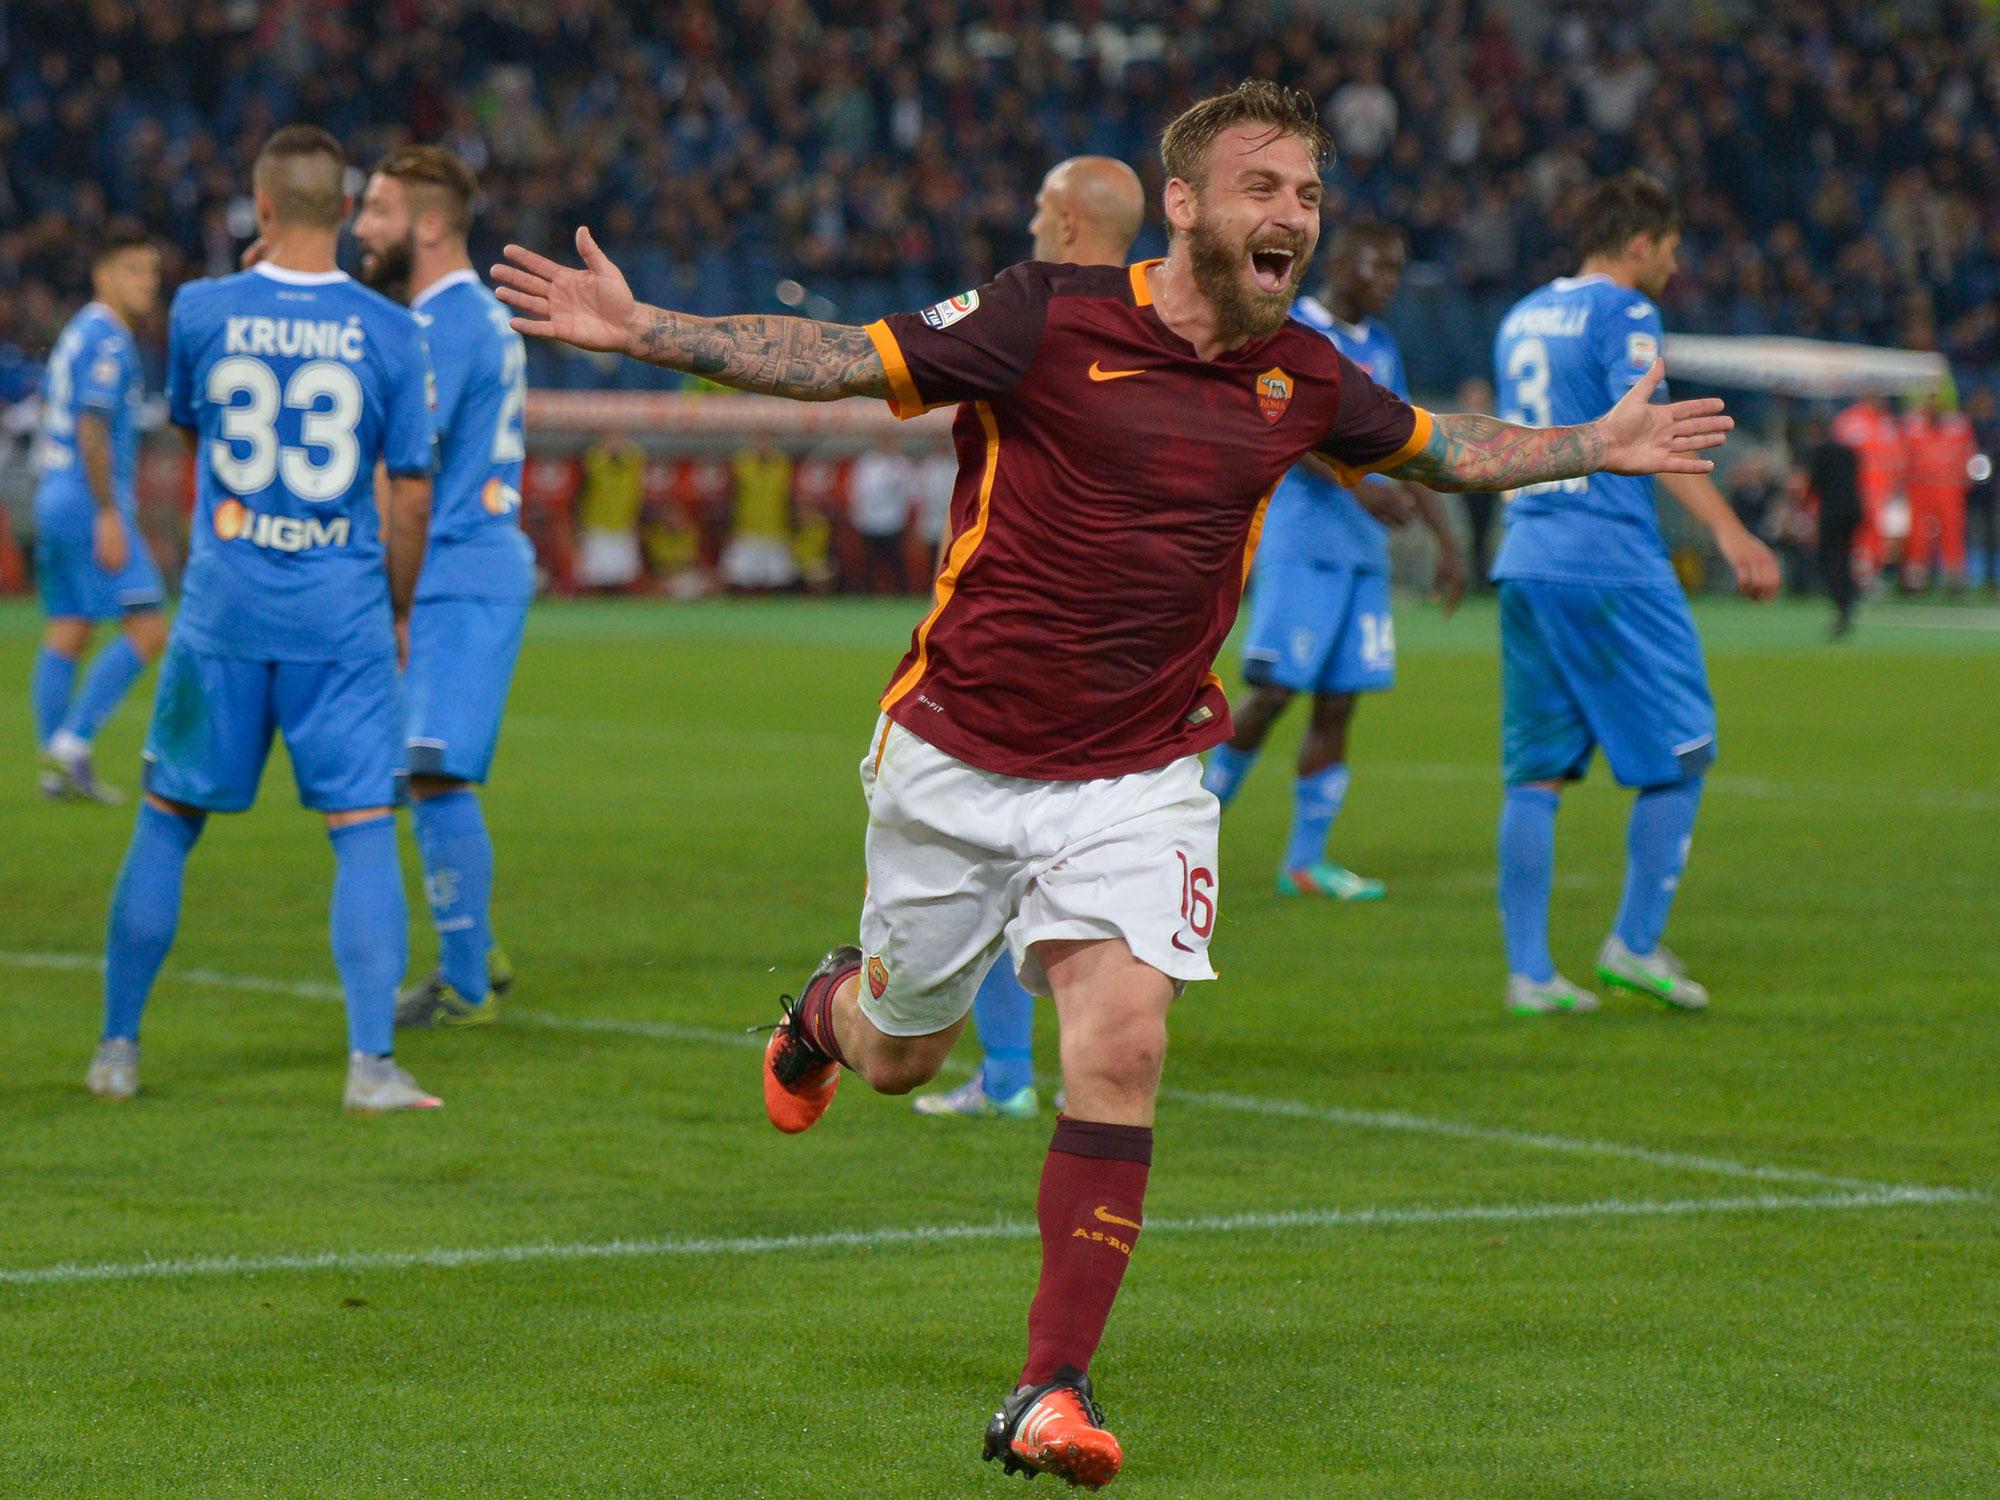 Ντε Ρόσι: «Έφυγε ο Κριστιάνο, αλλά η Ρεάλ έχει και άλλους παικταράδες» | Sportsking.gr